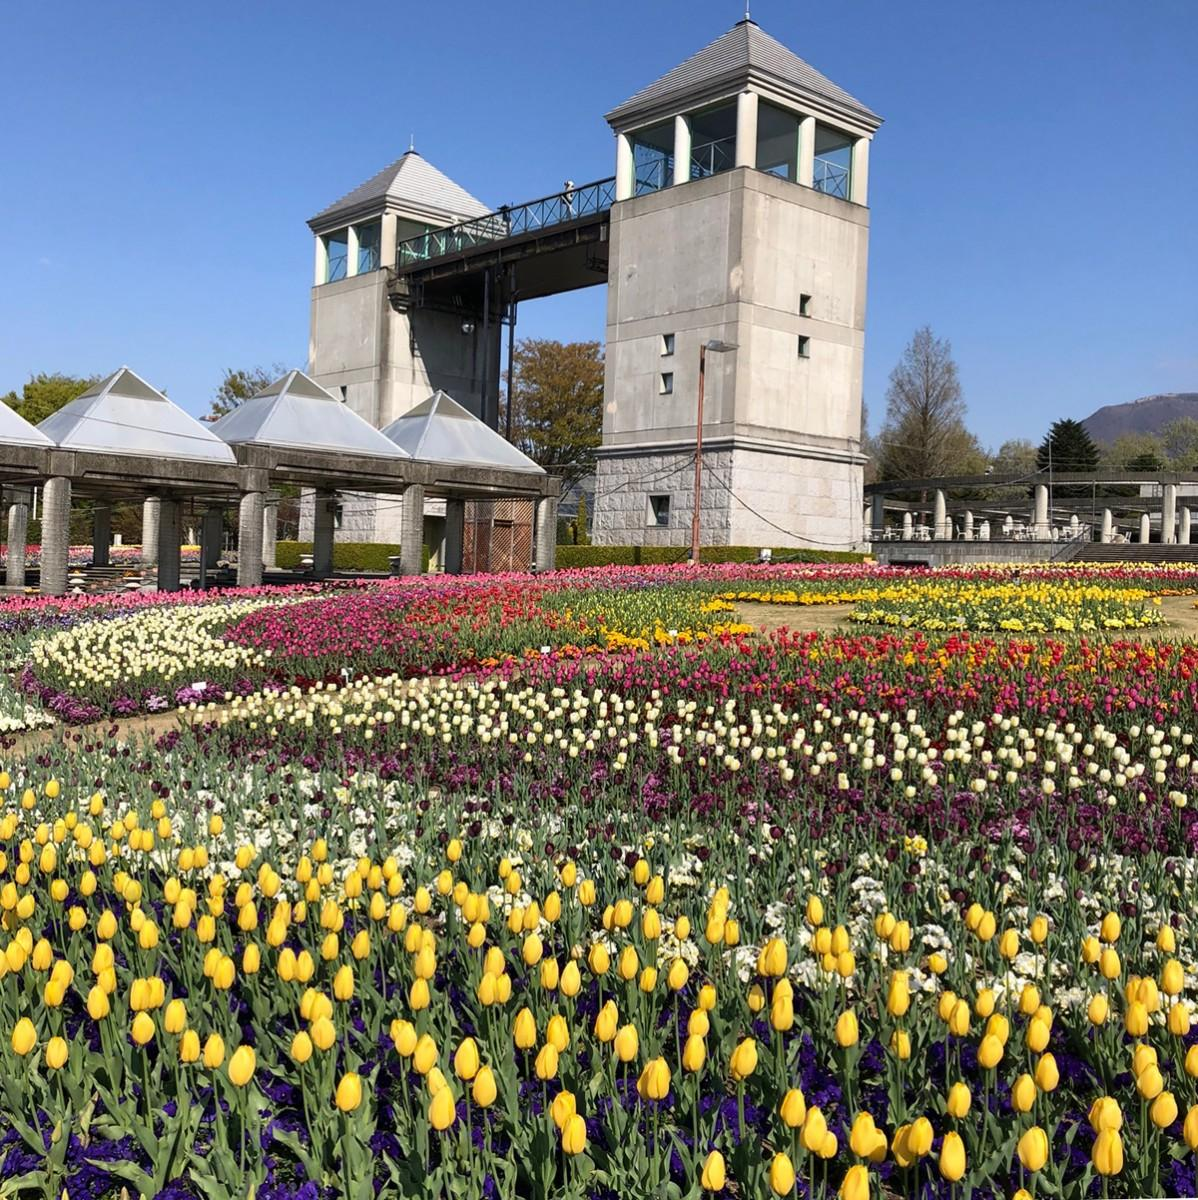 6000平方メートル、すべてチューリップ。「フラトピア大花壇」4月9日撮影